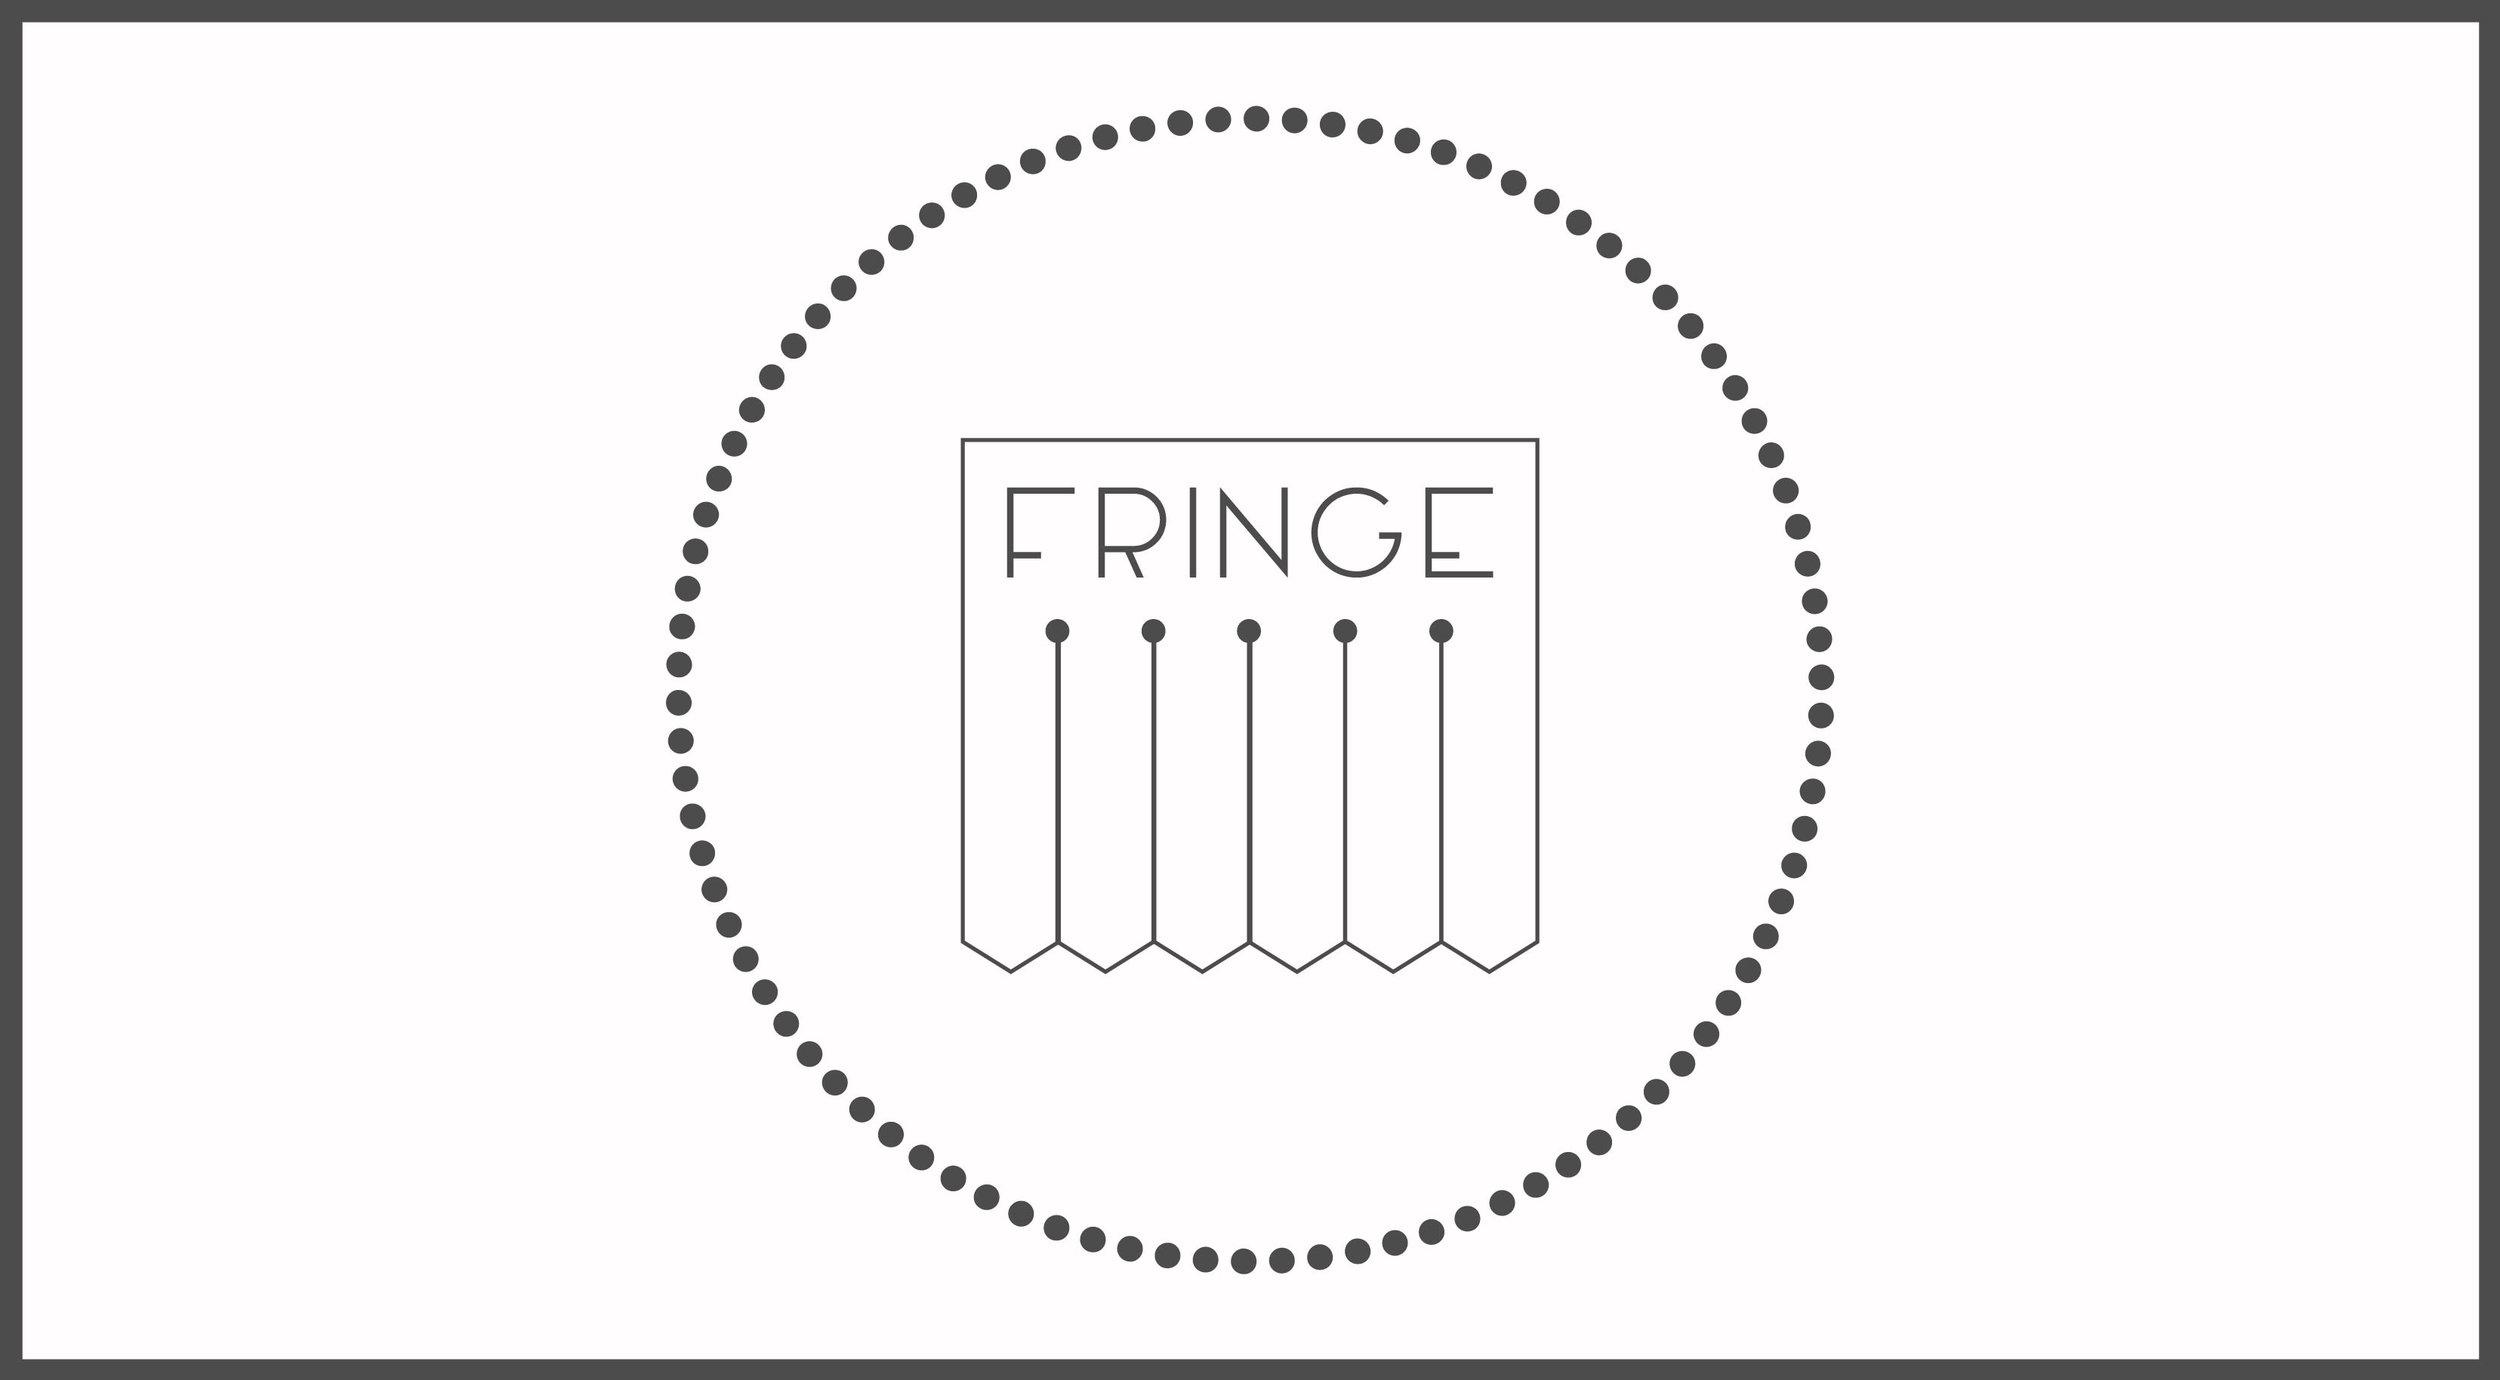 FRINGE_SLIDER-01 (1).jpg